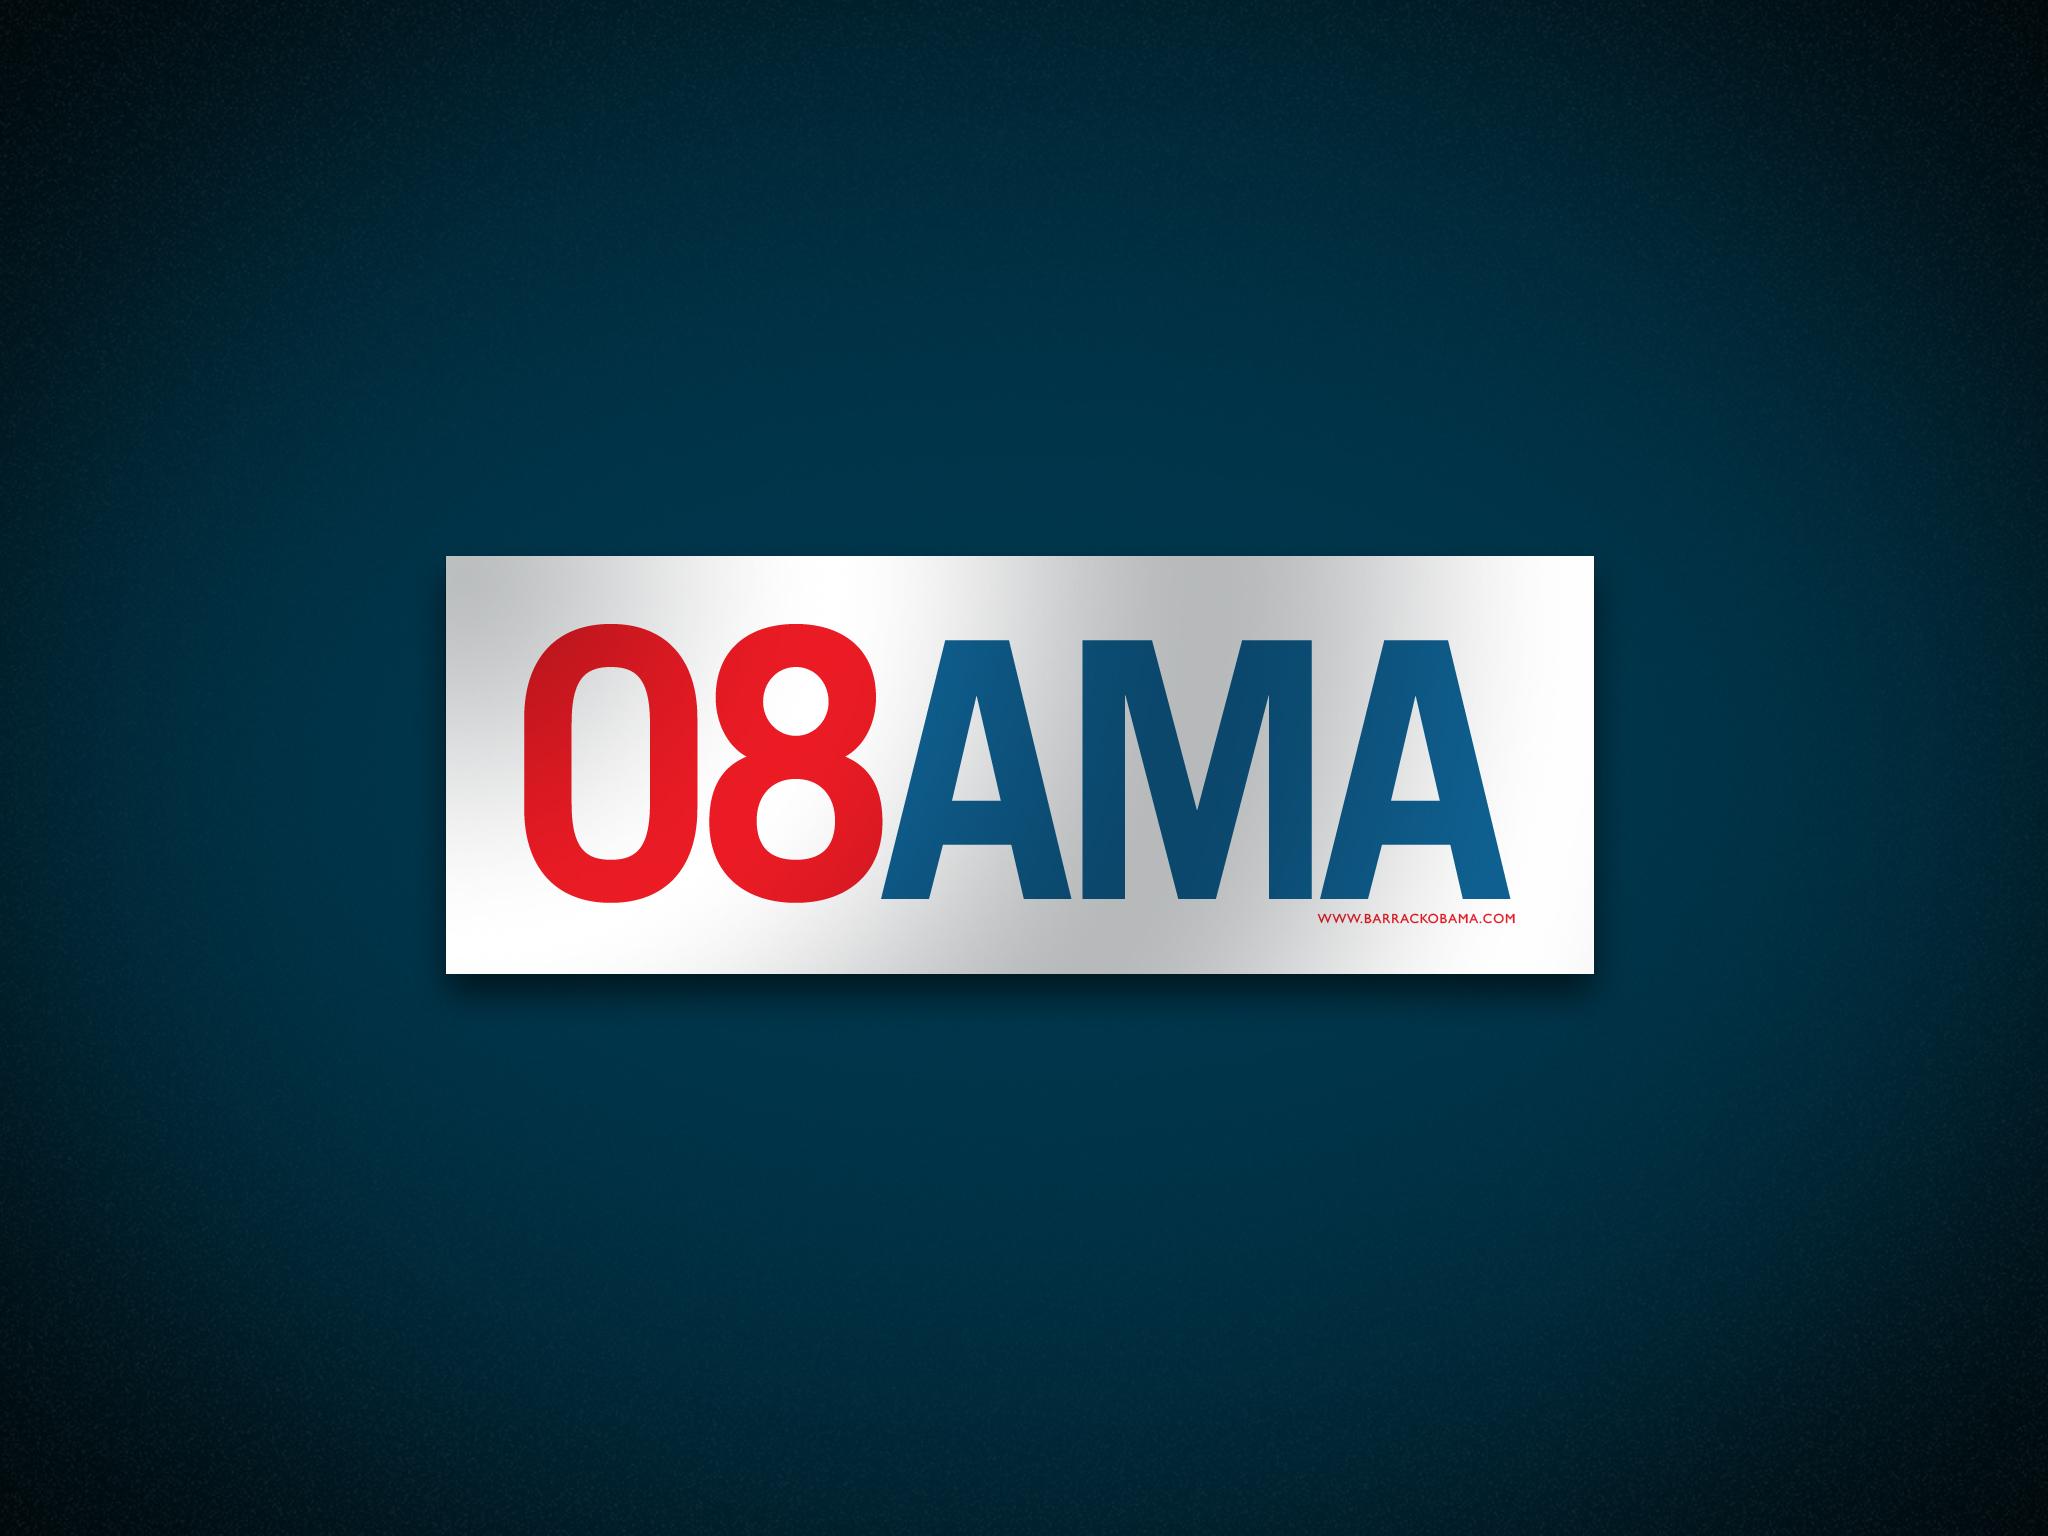 Obama Bumper